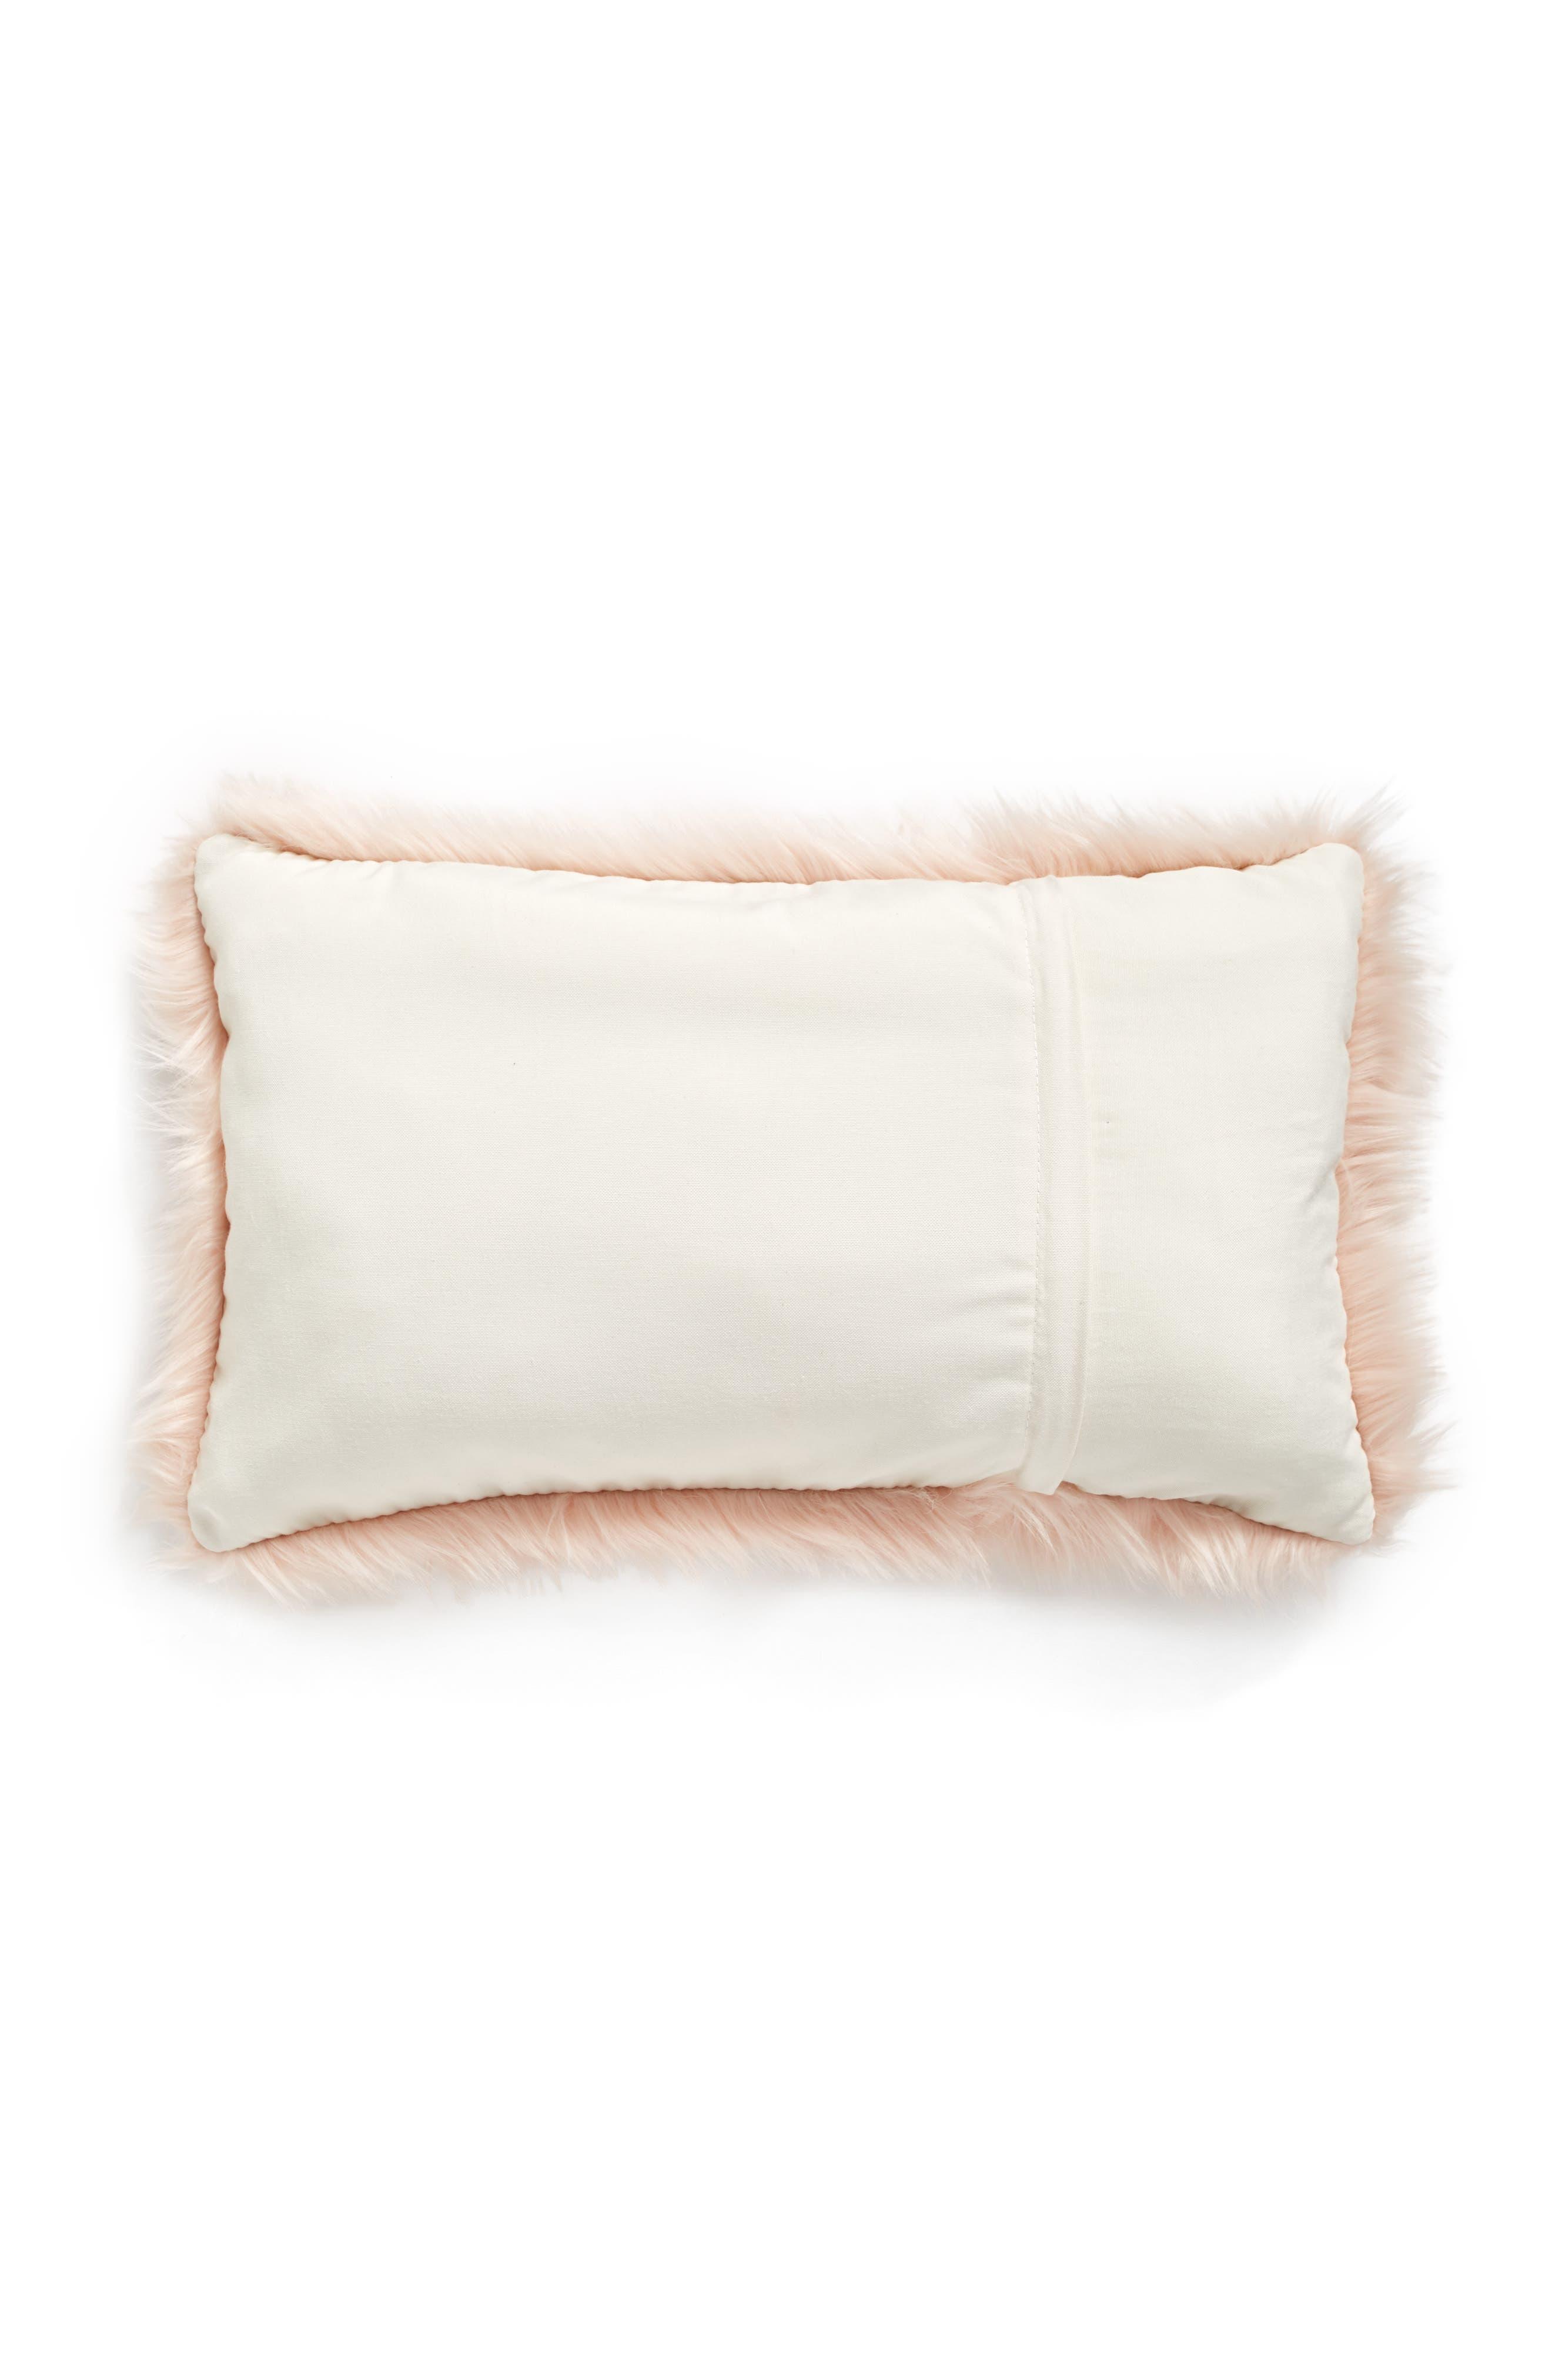 'Sumptuous' Faux Fur Accent Pillow,                             Alternate thumbnail 3, color,                             ROSE